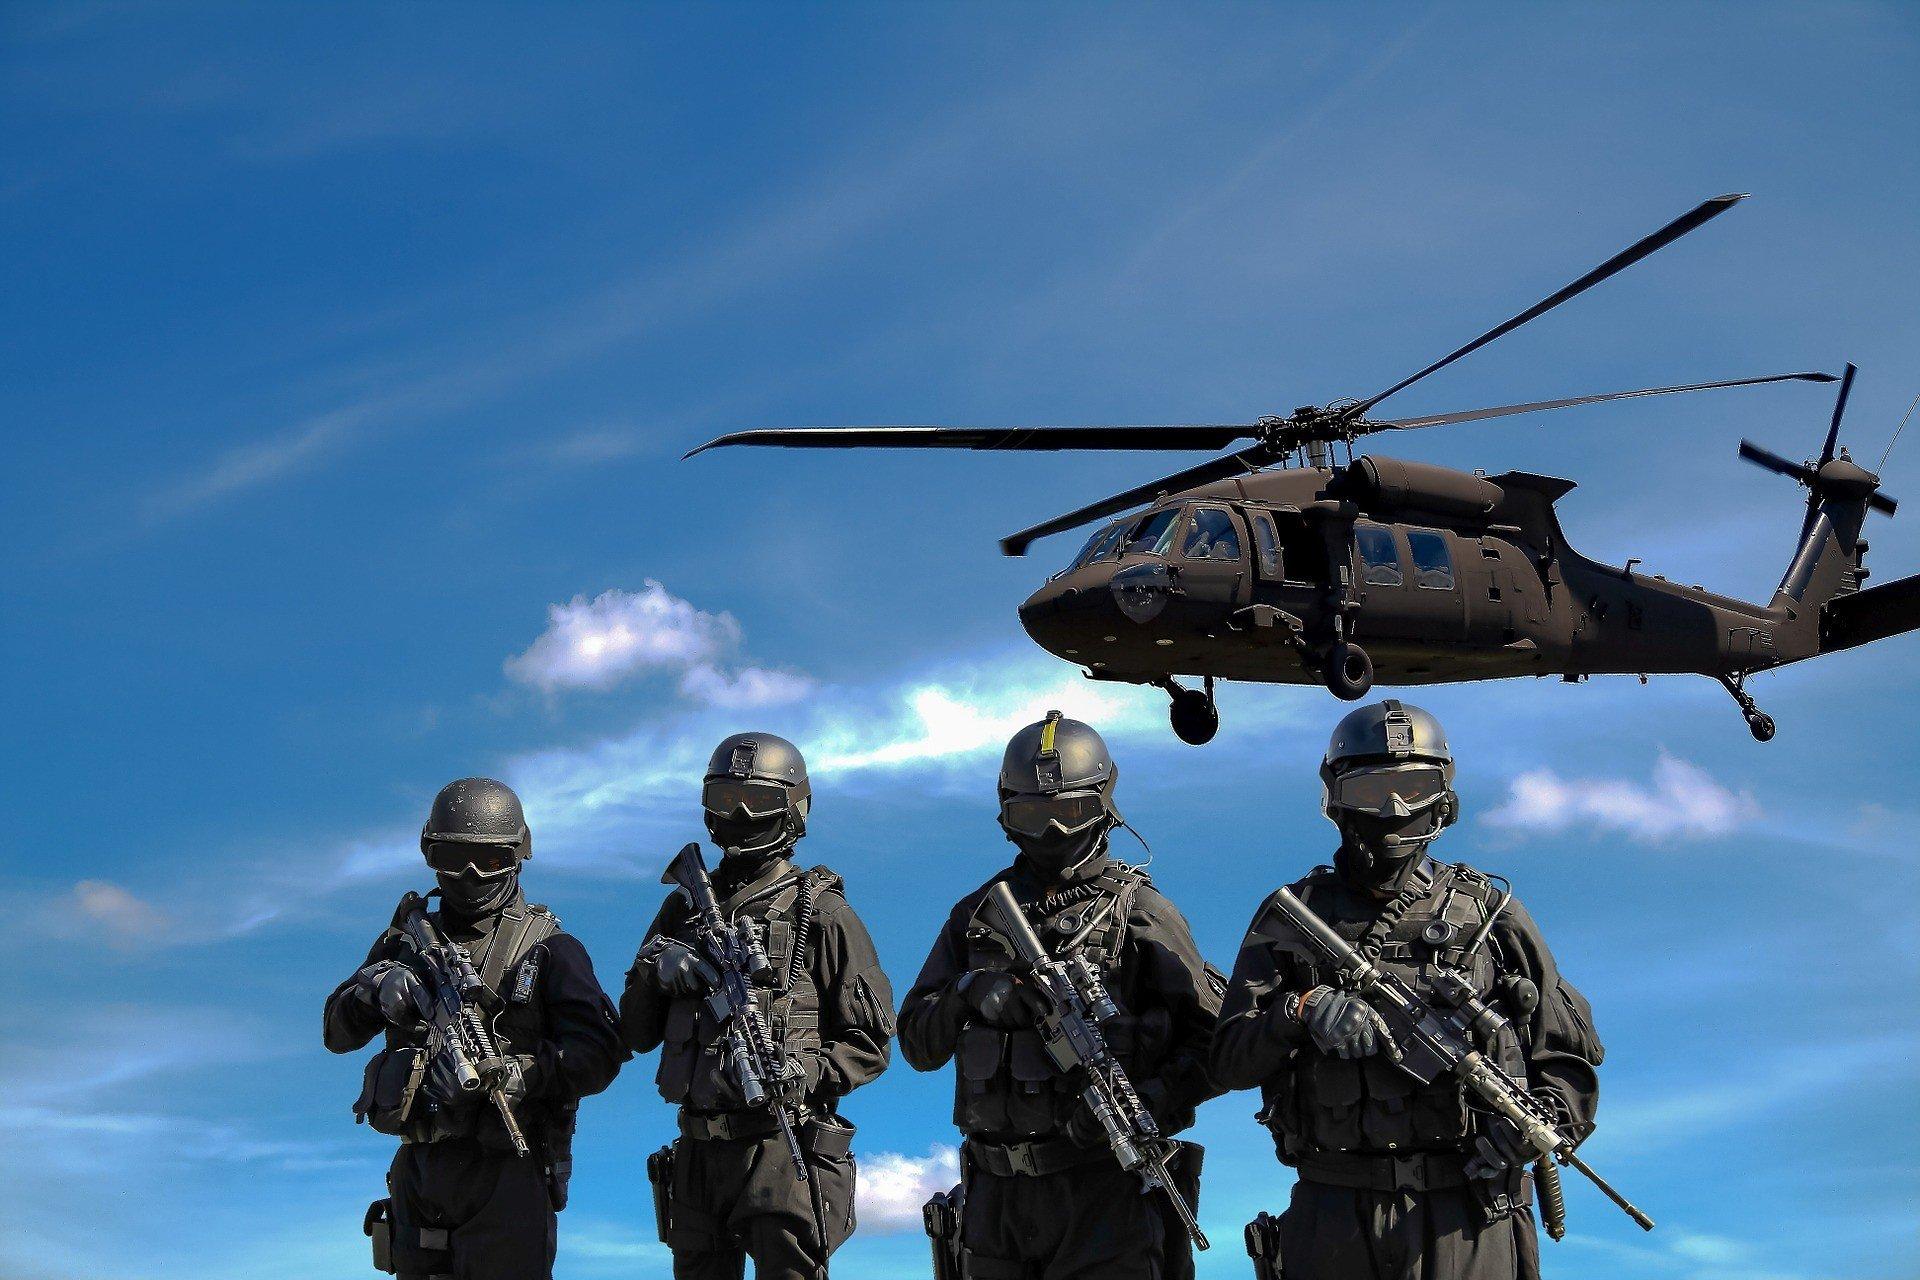 Литва купила у США вертолеты взамен советских